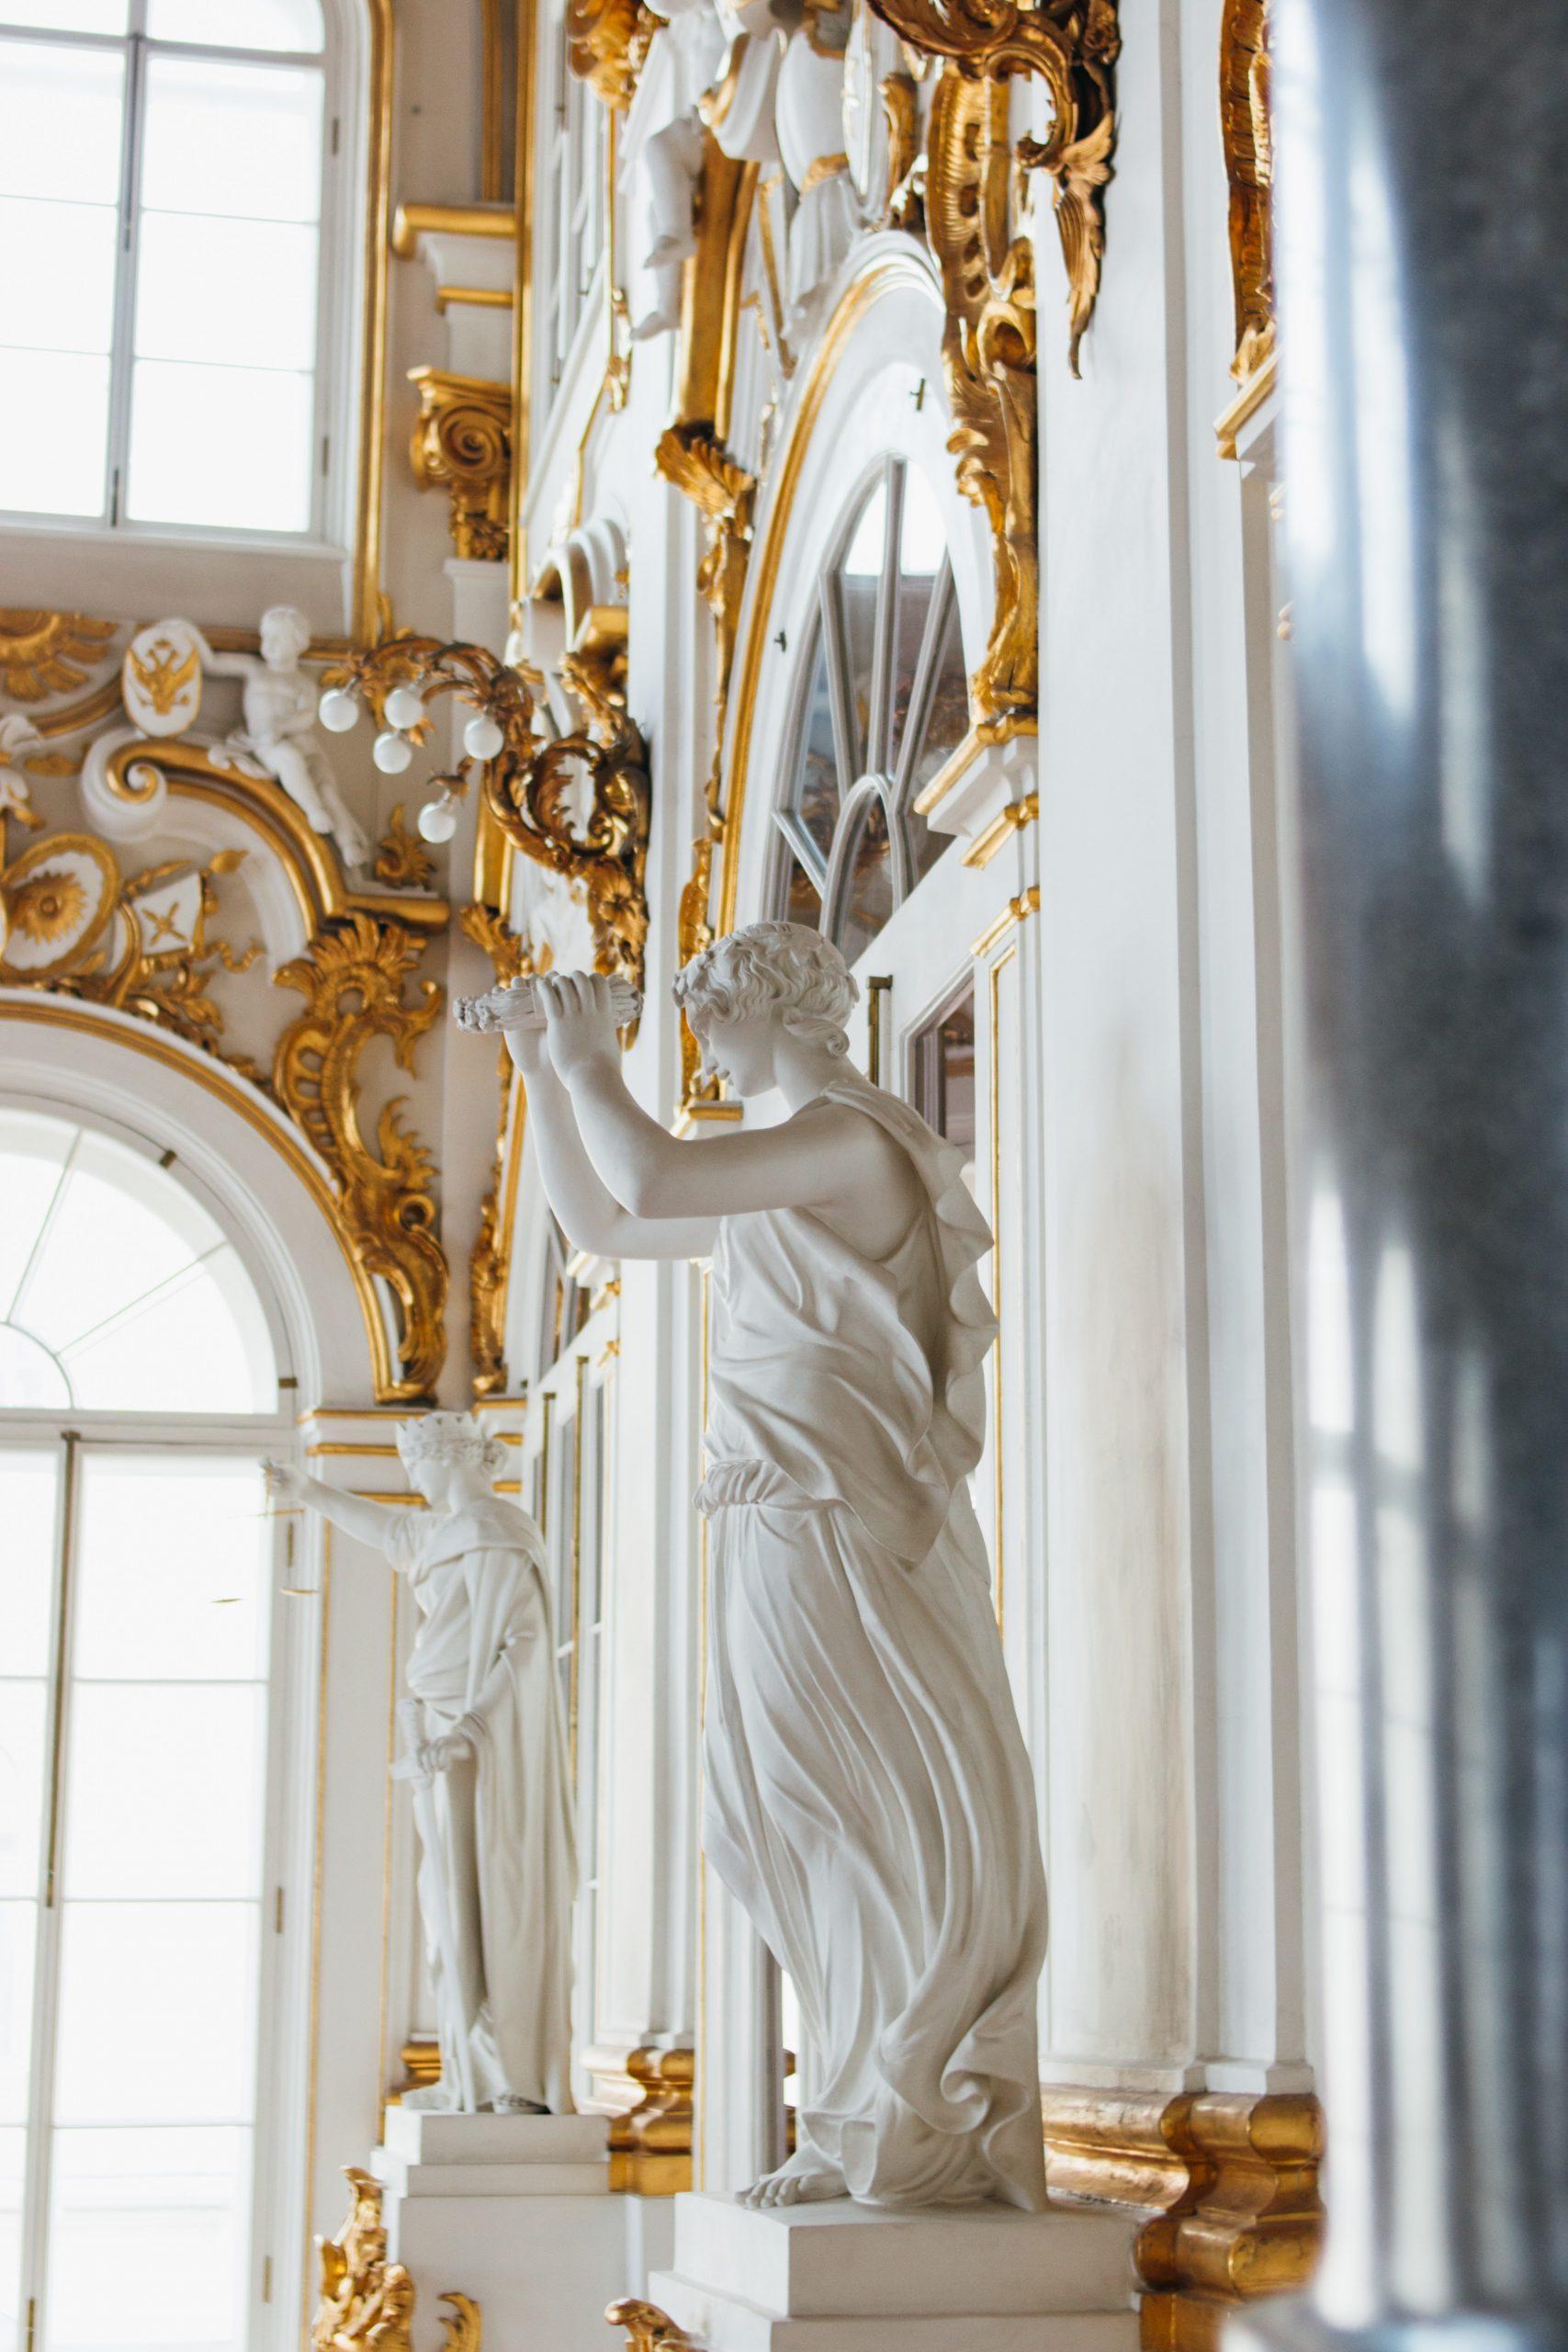 Museo Hermitage en San Petesburgo, Rusia